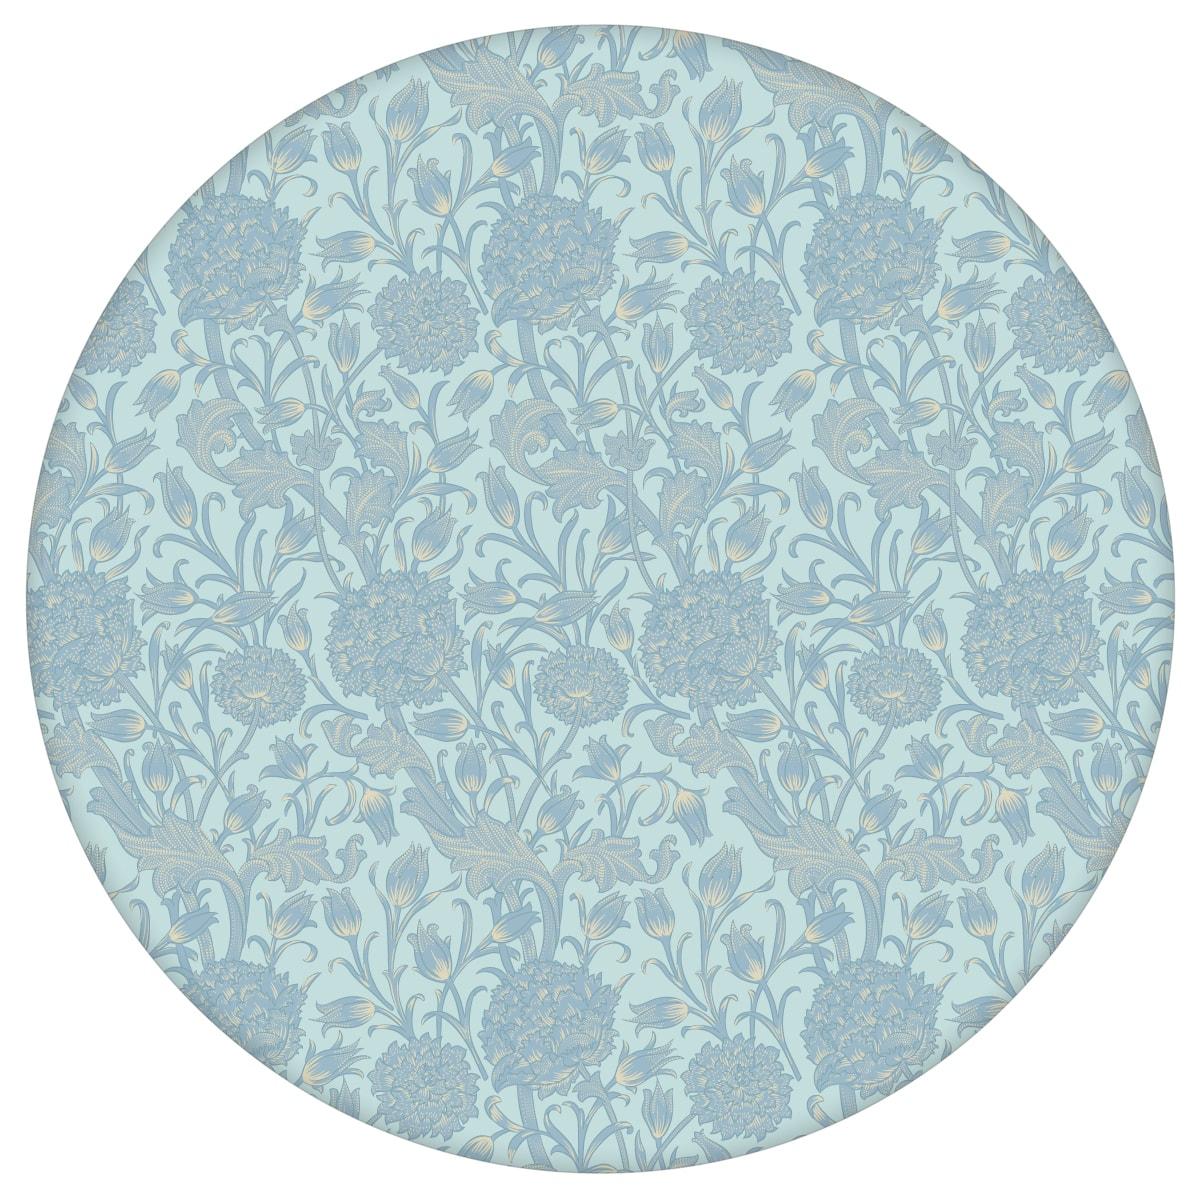 """Hellblaue Jugendstil Tapete """"Tulpen und Narzissen"""" nach William Morris, Vlies-Tapete Blumentapete für Schlafzimmer aus den Tapeten Neuheiten Blumentapeten und Borten als Naturaltouch Luxus Vliestapete oder Basic Vliestapete"""